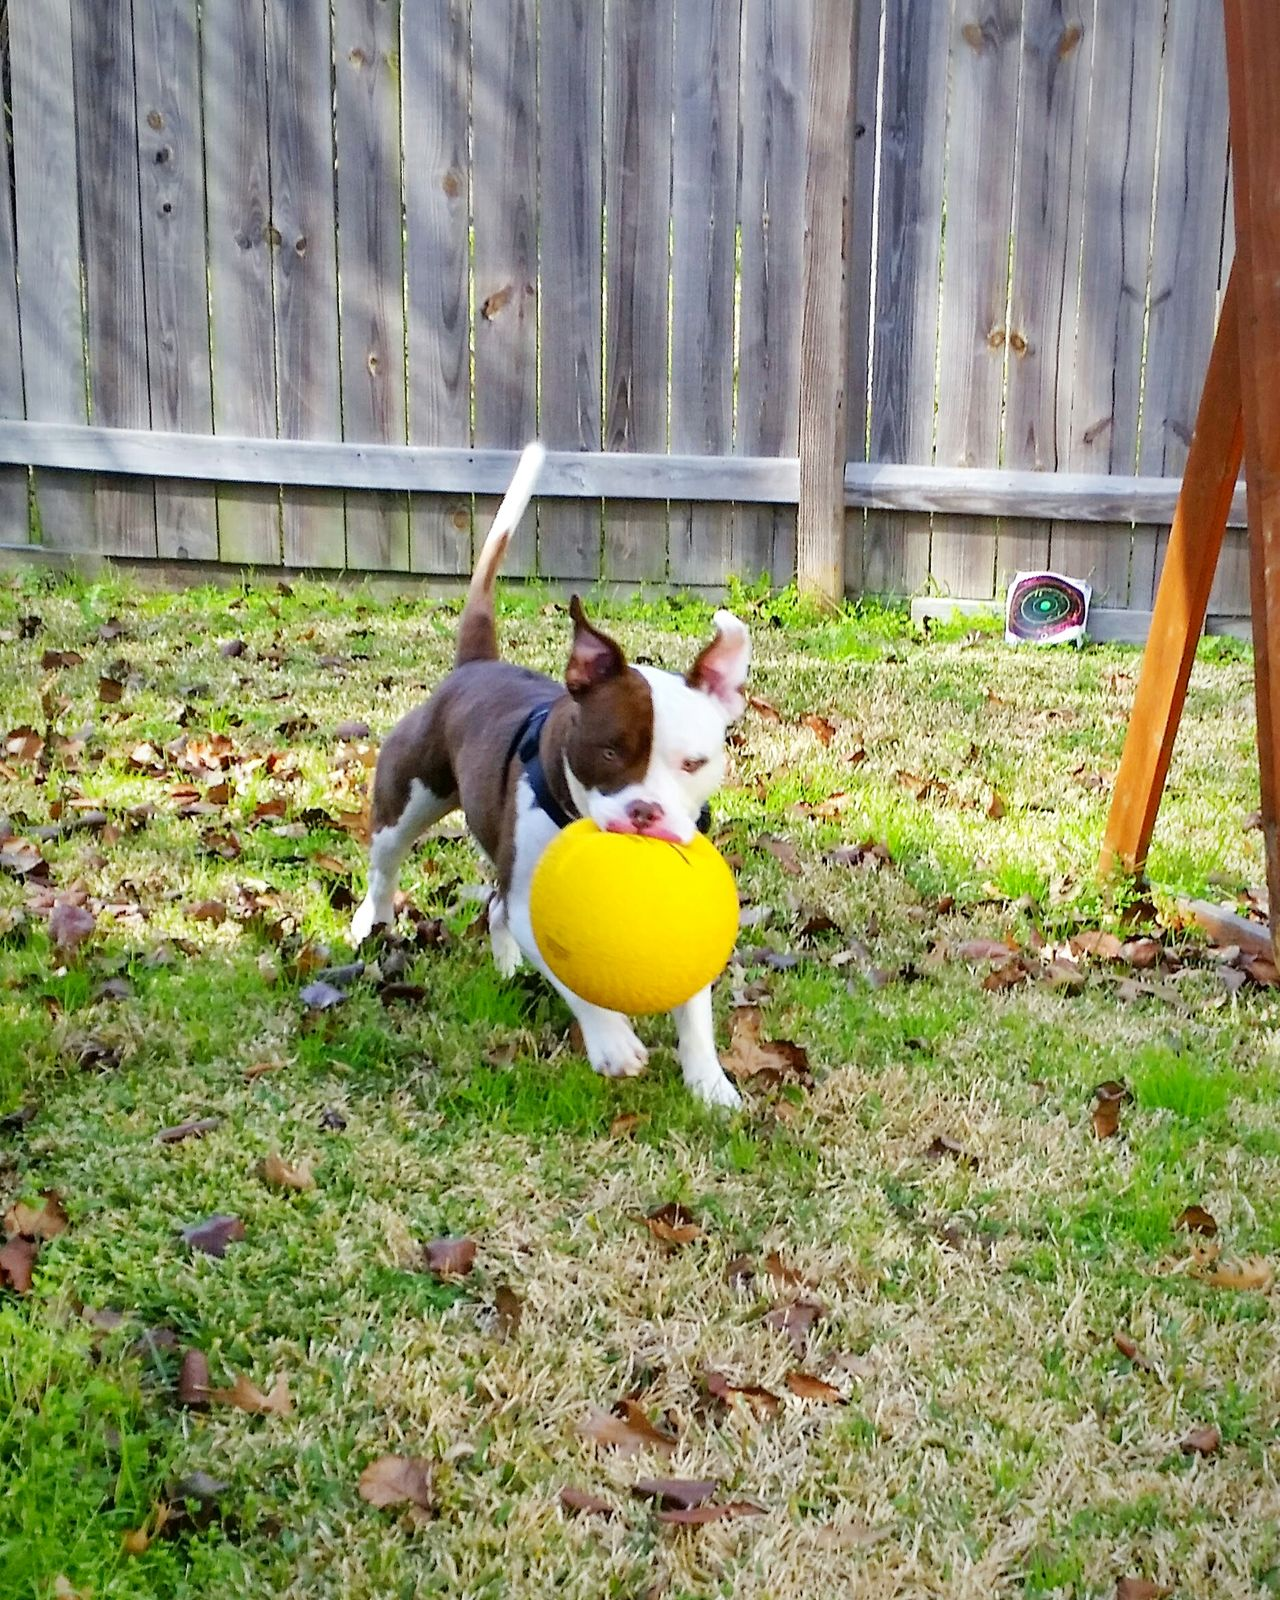 Pet Photography  Enjoying Life Animal Photography Pitbulllove Mansbestfriend Play Time Playfulpups